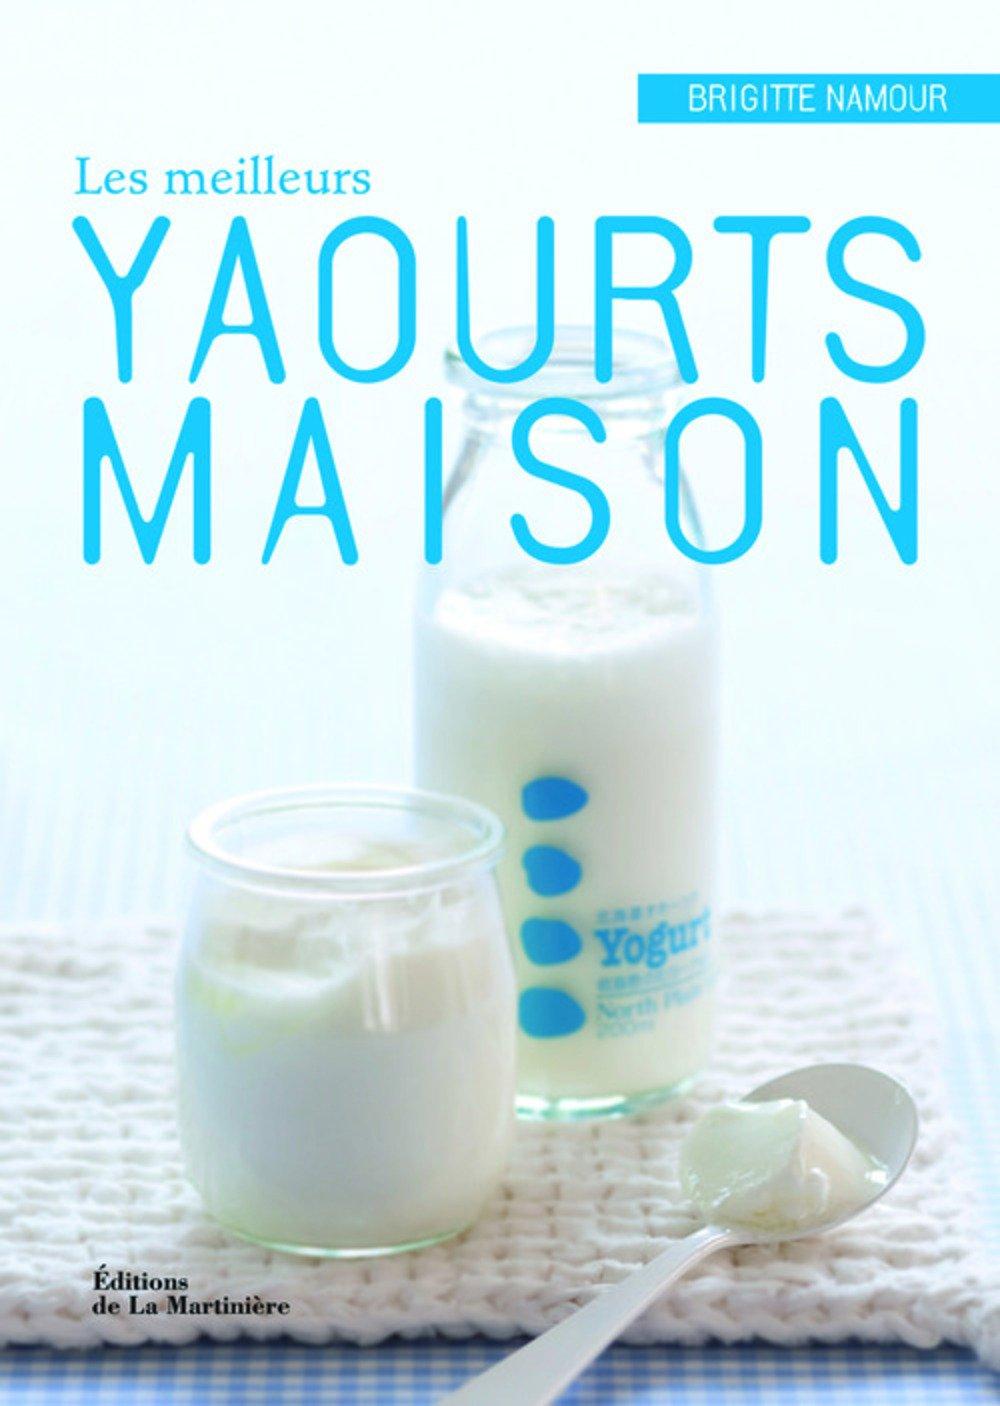 les meilleurs yaourts maison - Bibliothèque